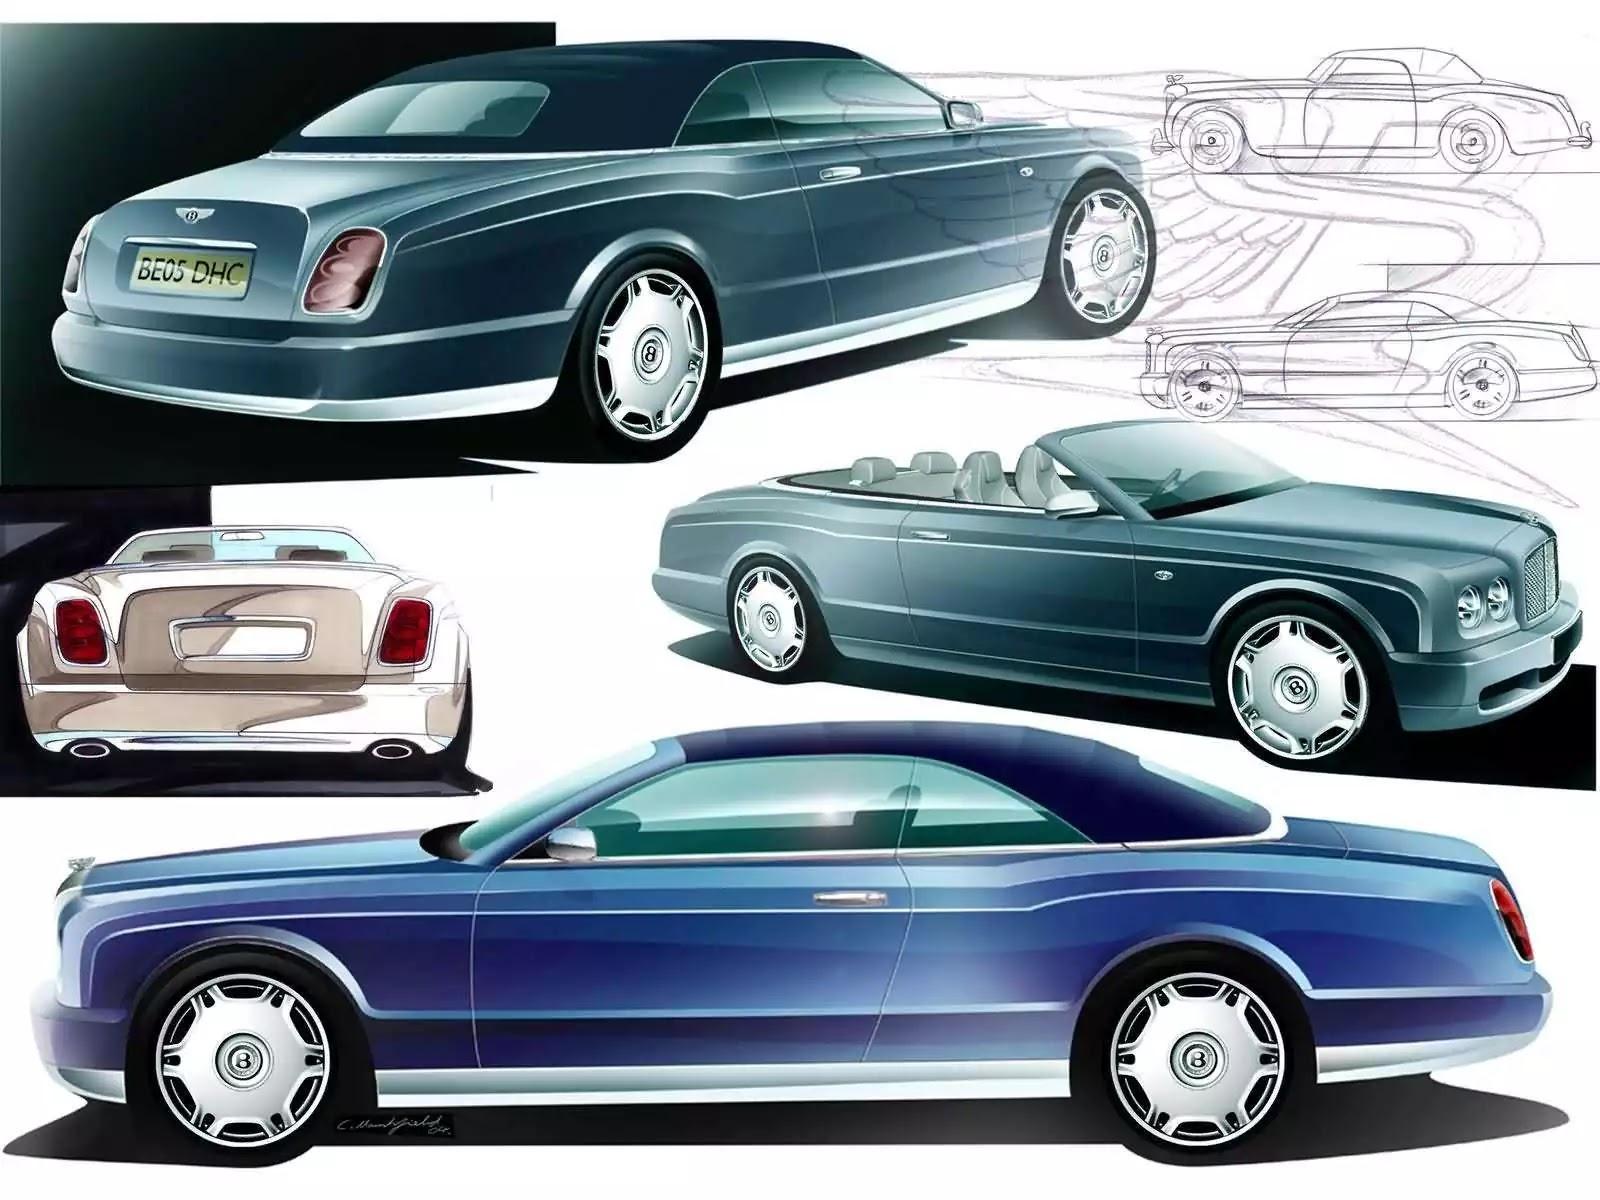 Hình ảnh xe ô tô Bentley Arnage Drophead Coupe 2005 & nội ngoại thất